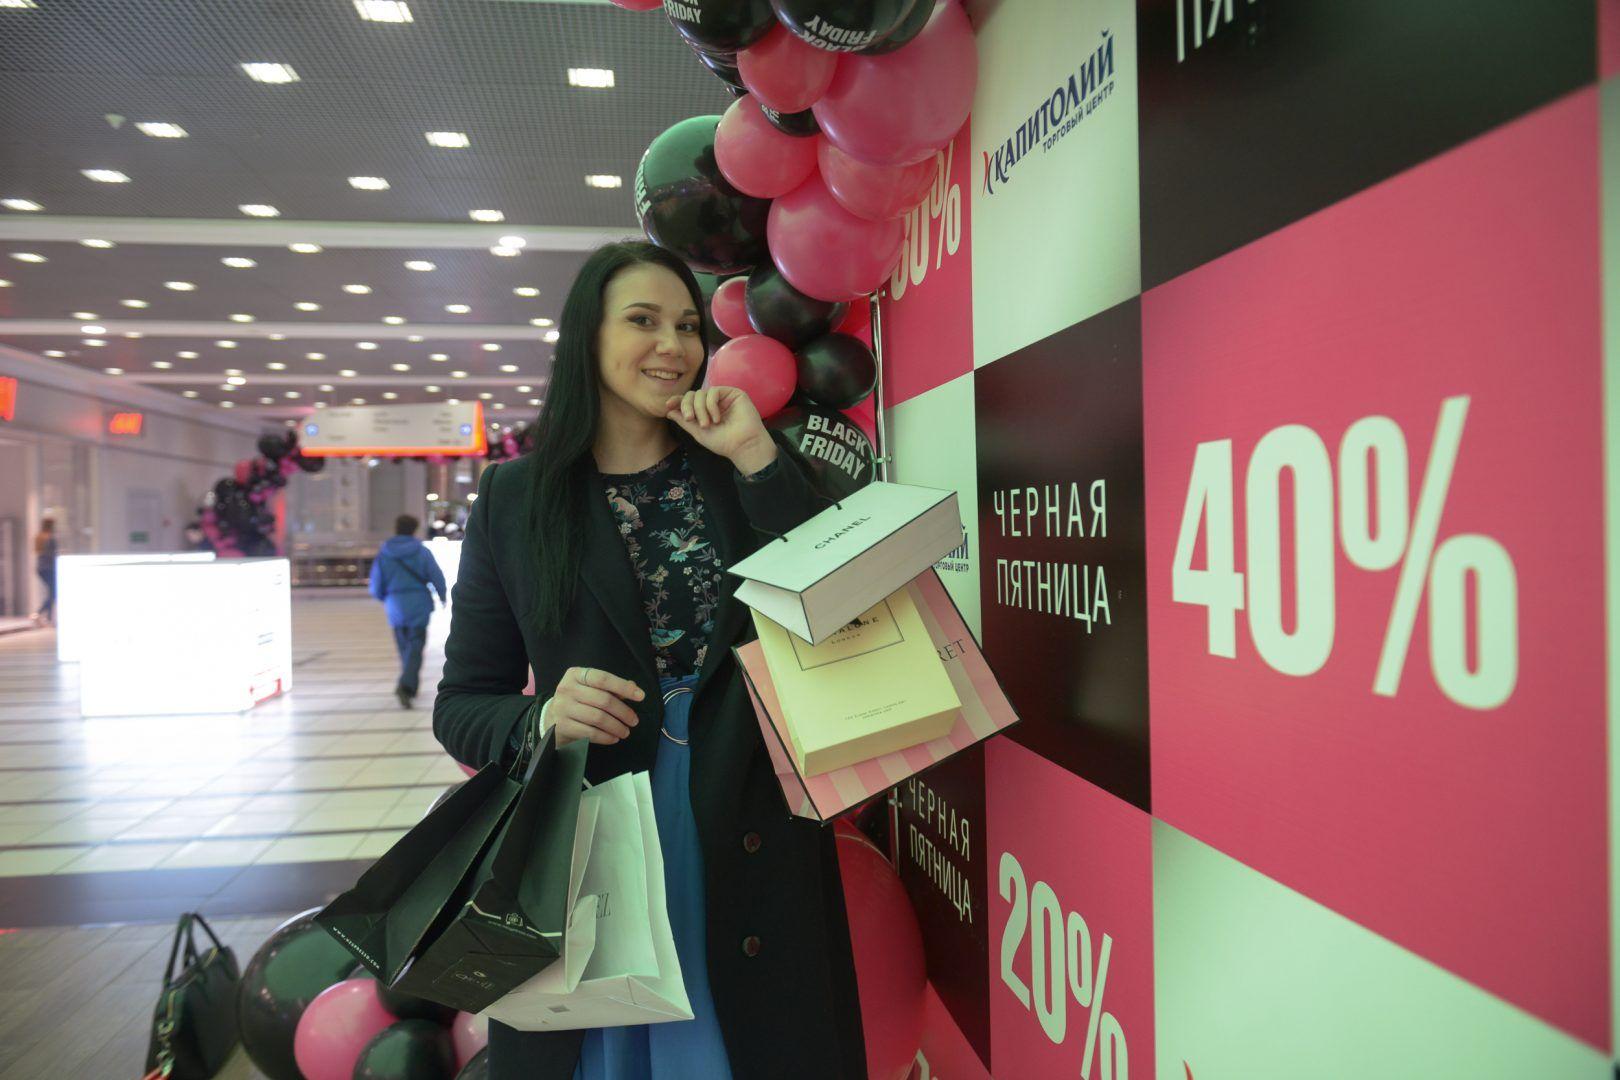 22 ноября 2018 года. Алина Фролова делает покупки. Фото: Наталья Феоктистова